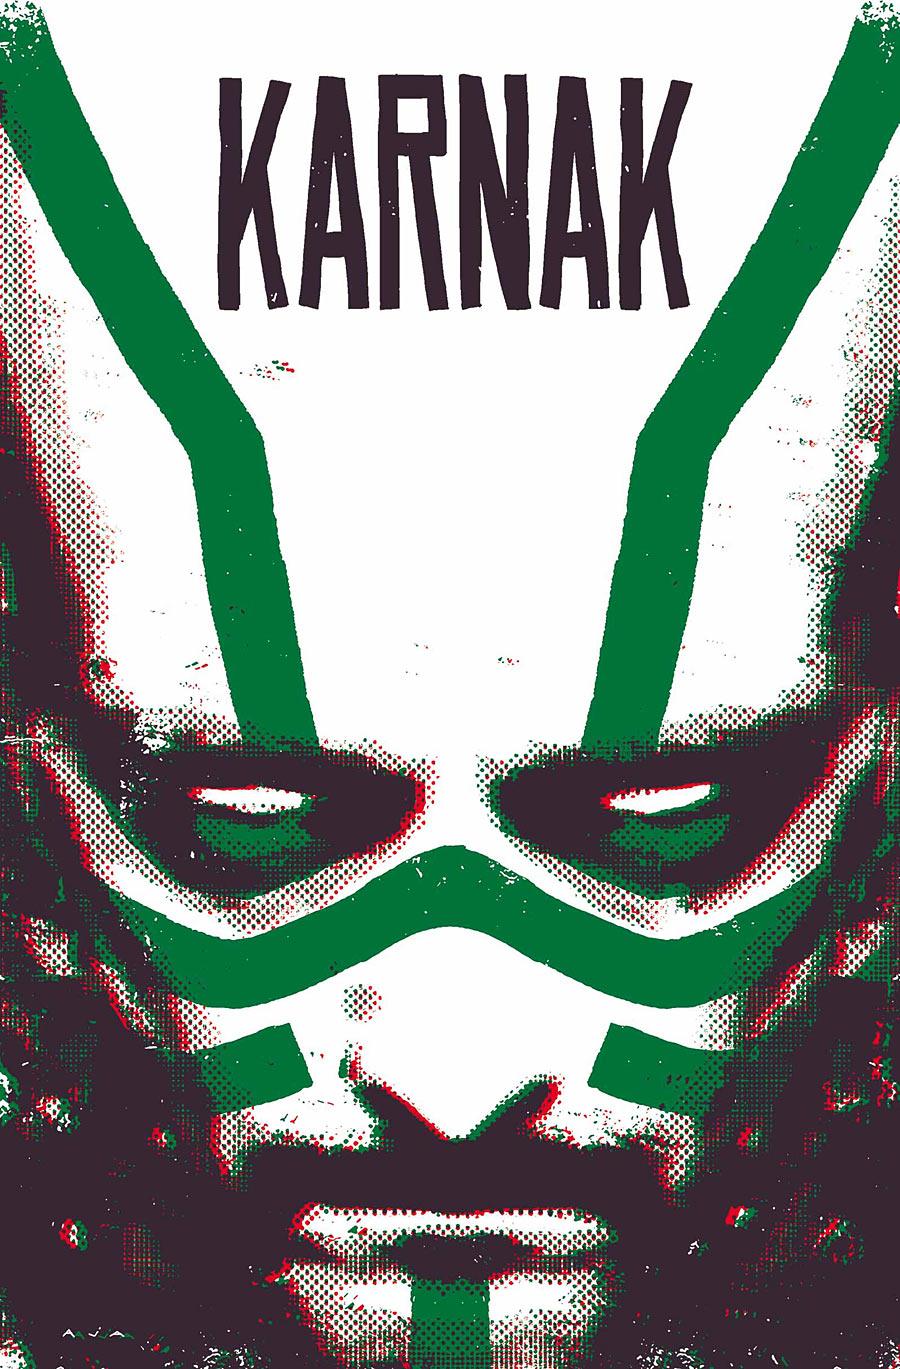 KARNAK2015001-COVER-275f1